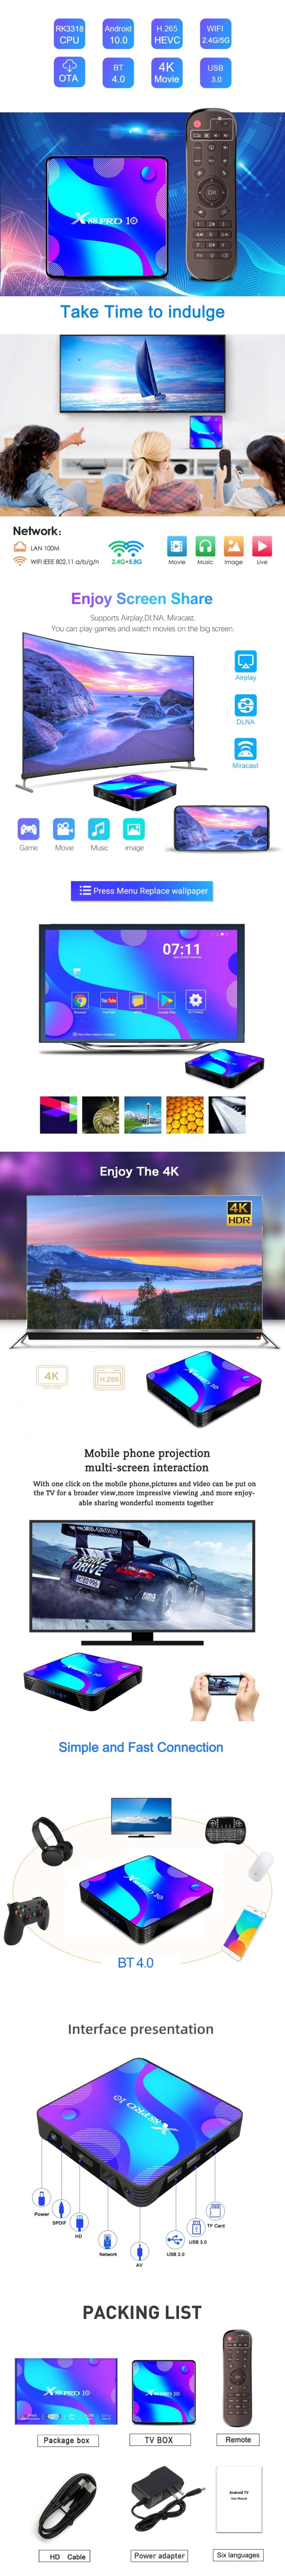 X88-Pro-10f36e305002df2fcb.jpg